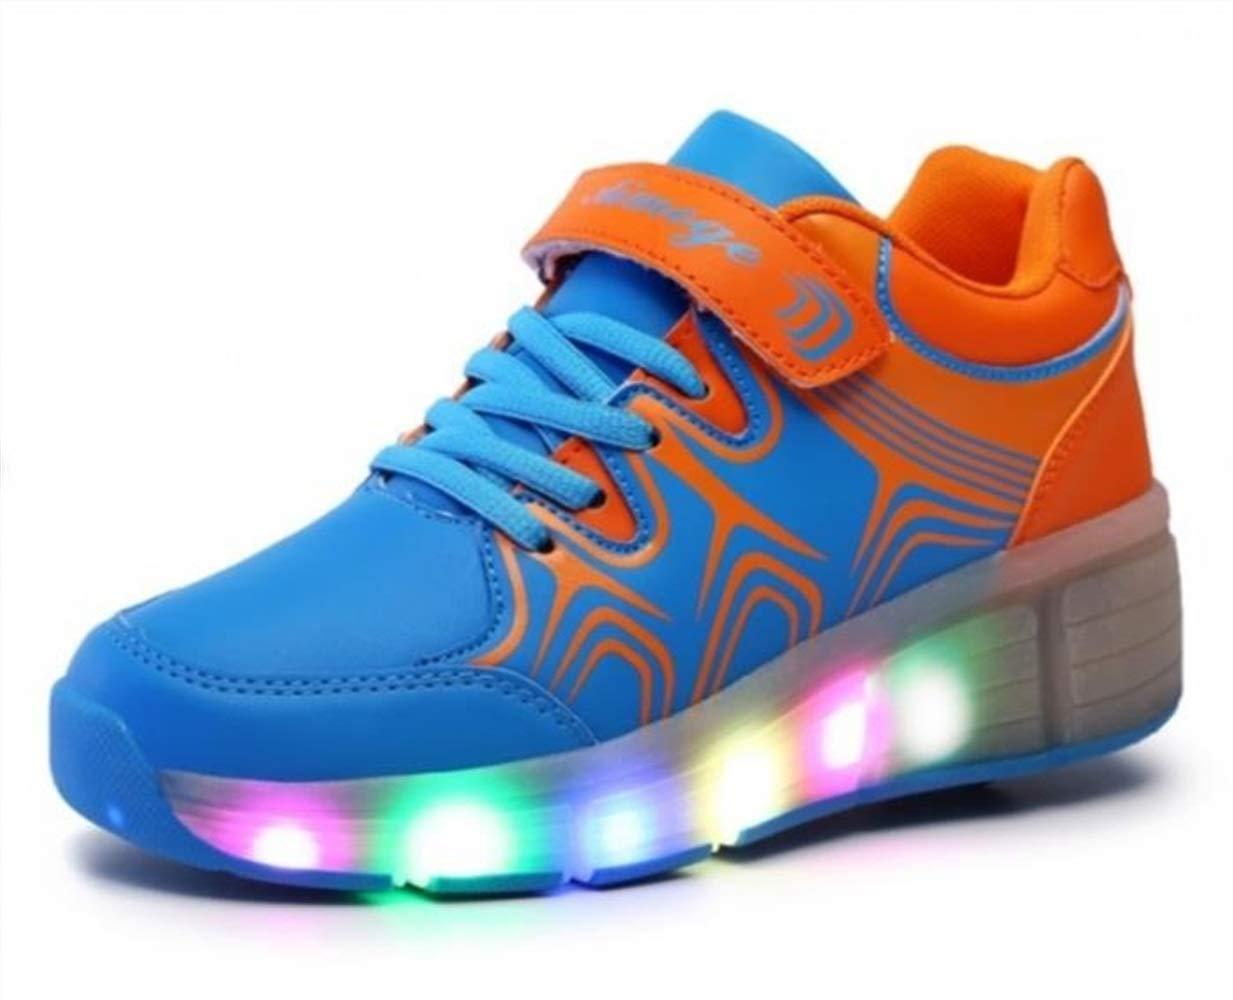 Znyo Kinderschuhe mit Rädern Skate Roller Schuhe Ultra Light Turnschuhe Schuhe ausstrahlen